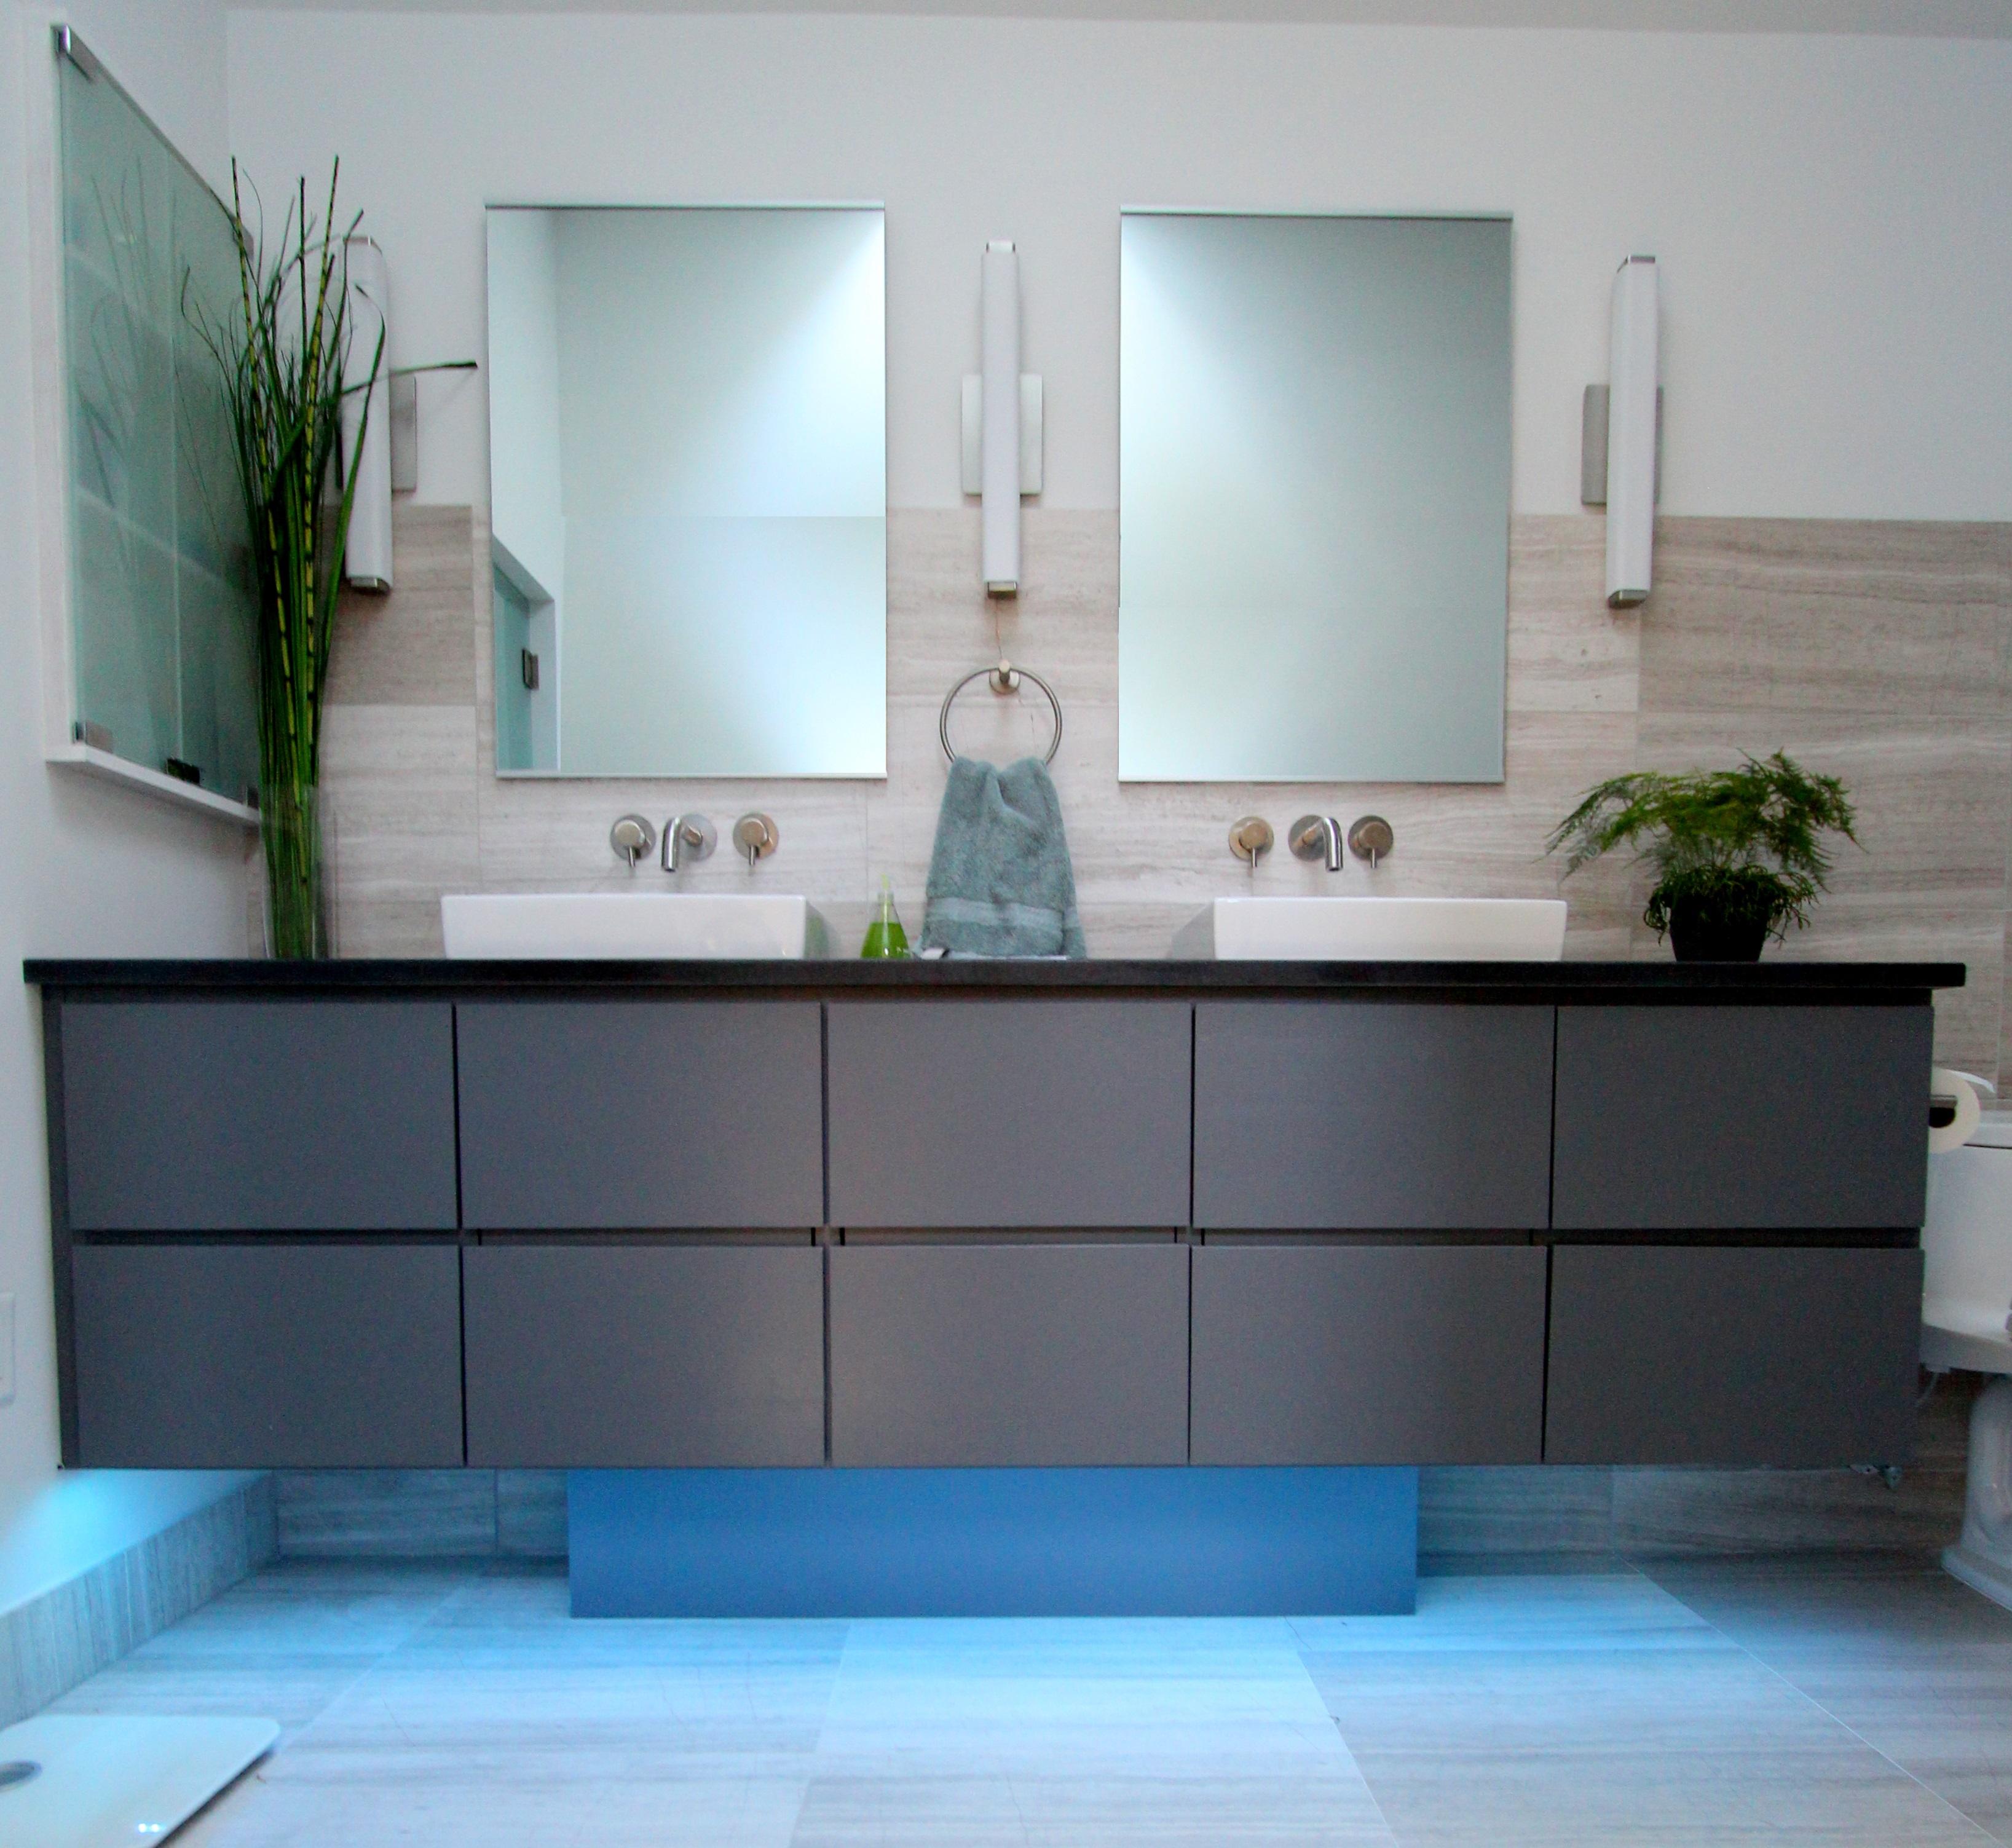 Dallas Bathroom Vanities: Gallery ☺ Bathroom Design Specialists In Atlanta, Miami